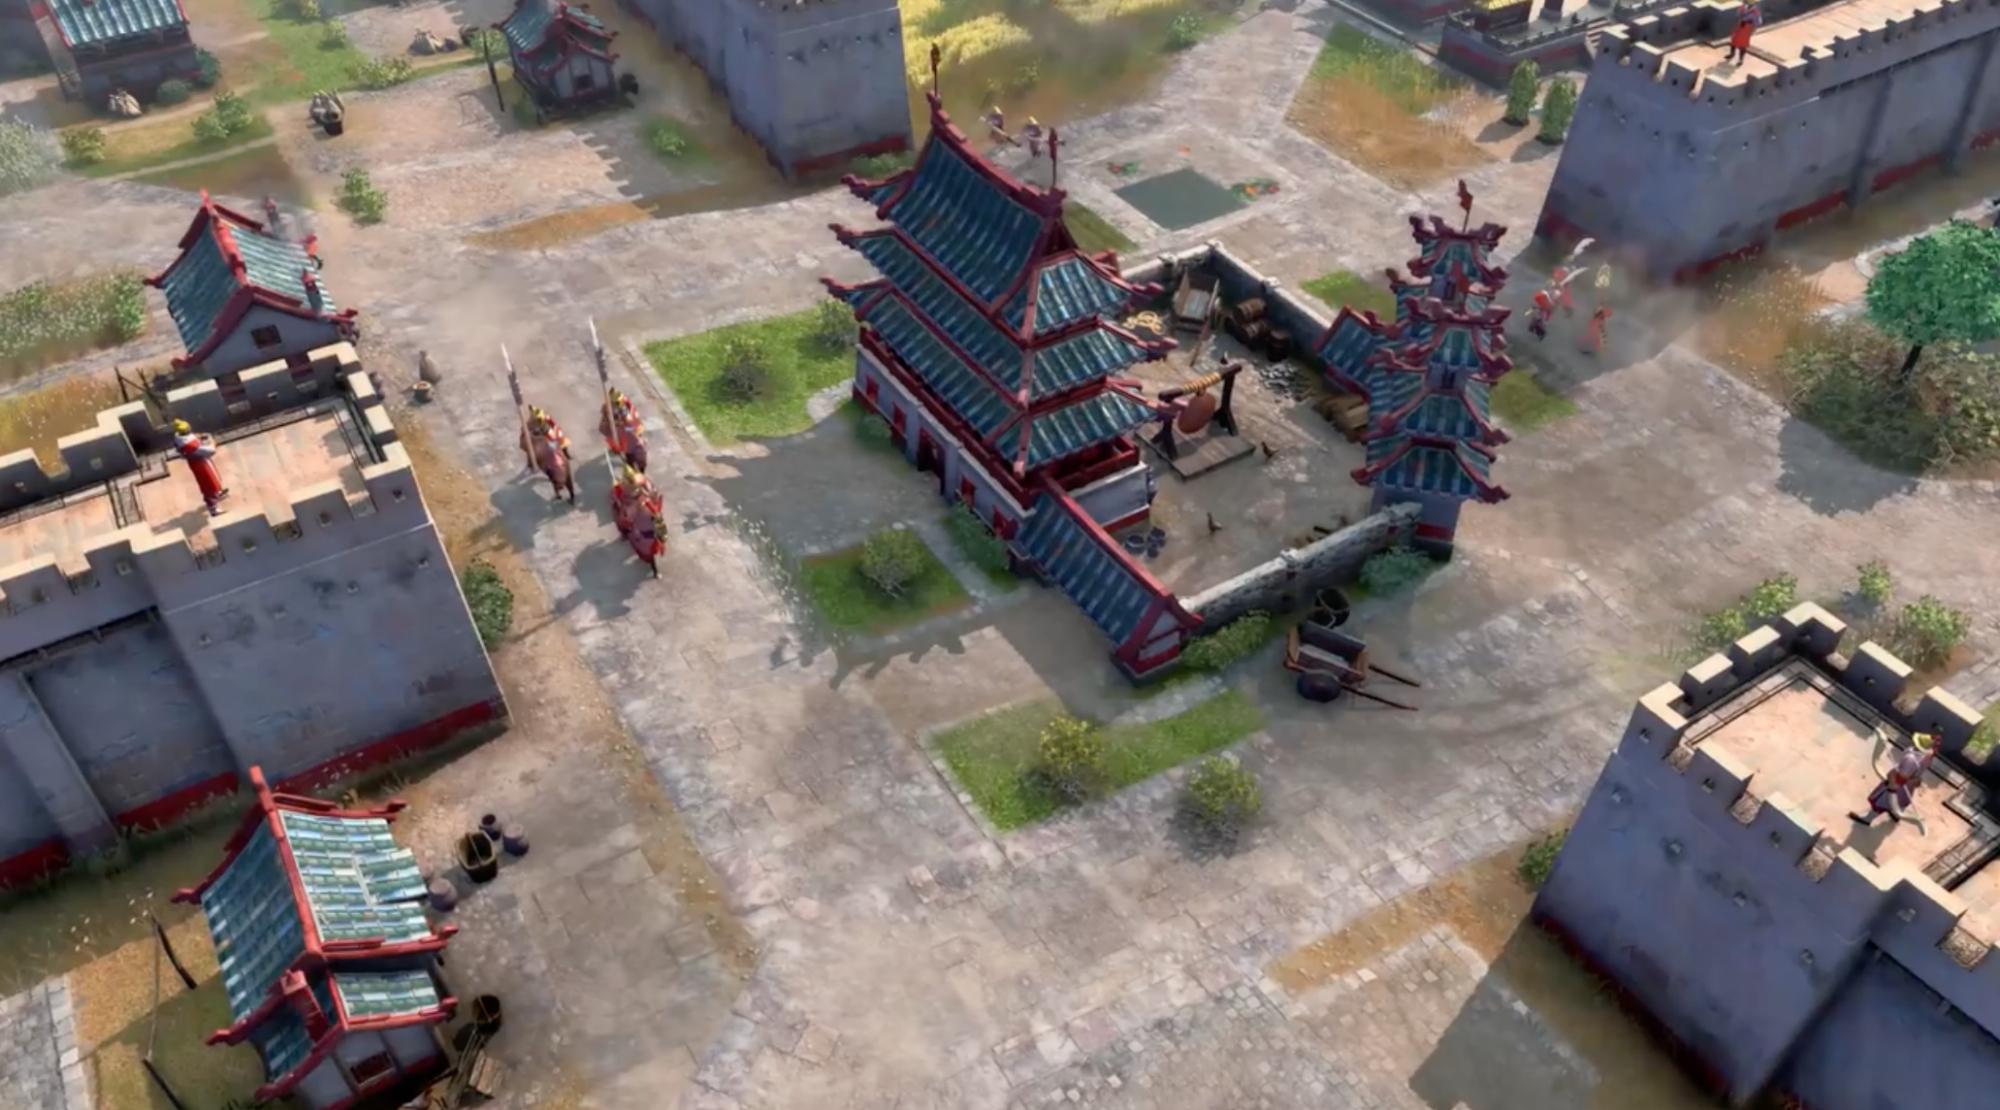 《帝国时代4》秋季上架!中国势力说普通话,集合唐、宋、元、明